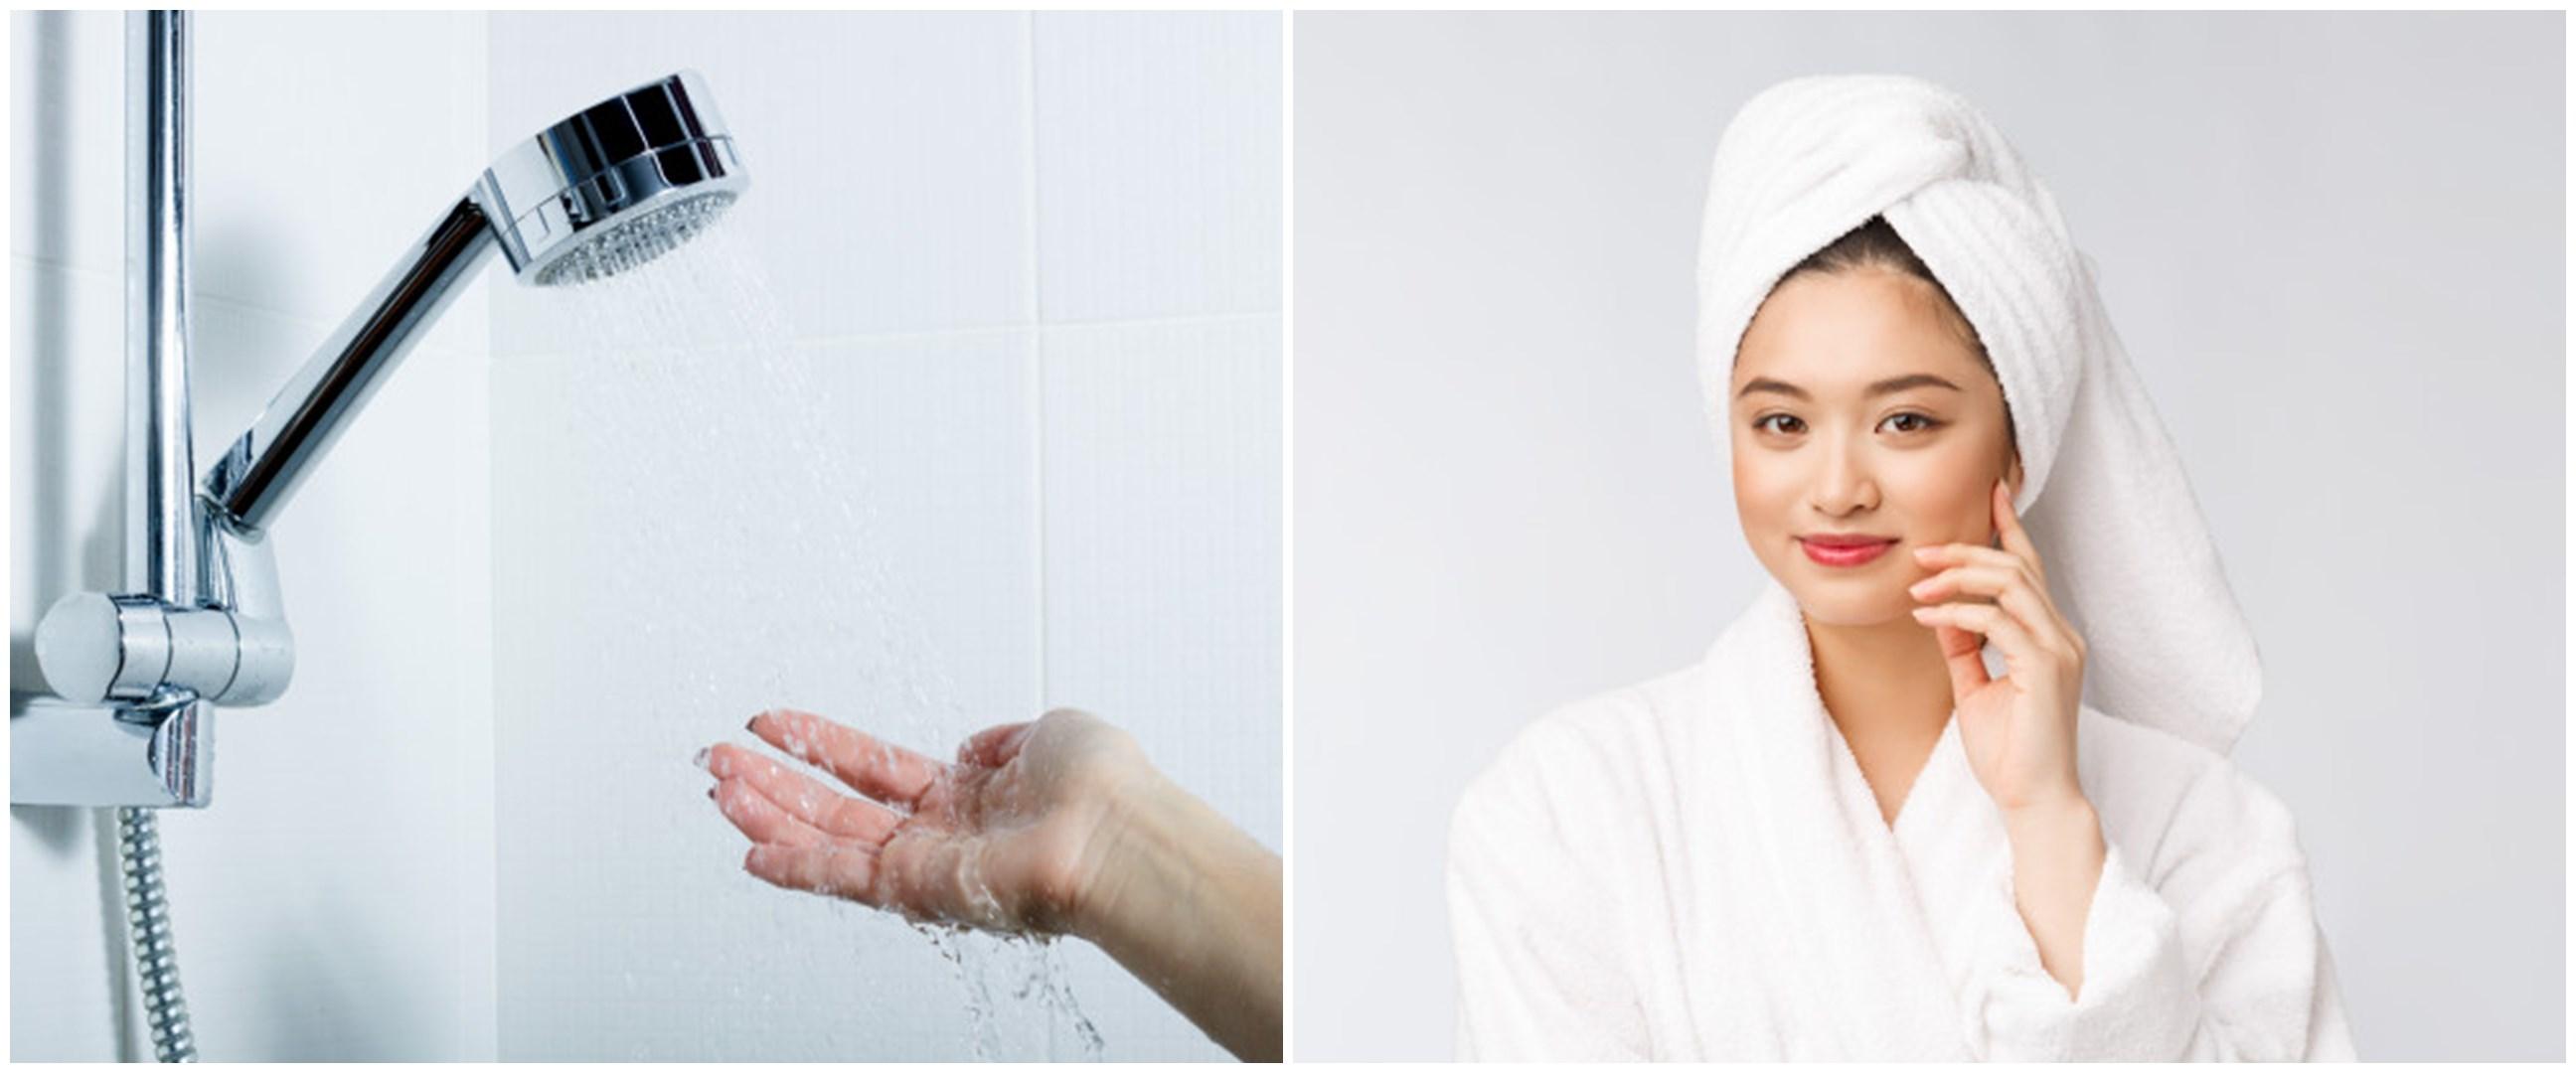 Doa dan tata cara mandi wajib setelah haid